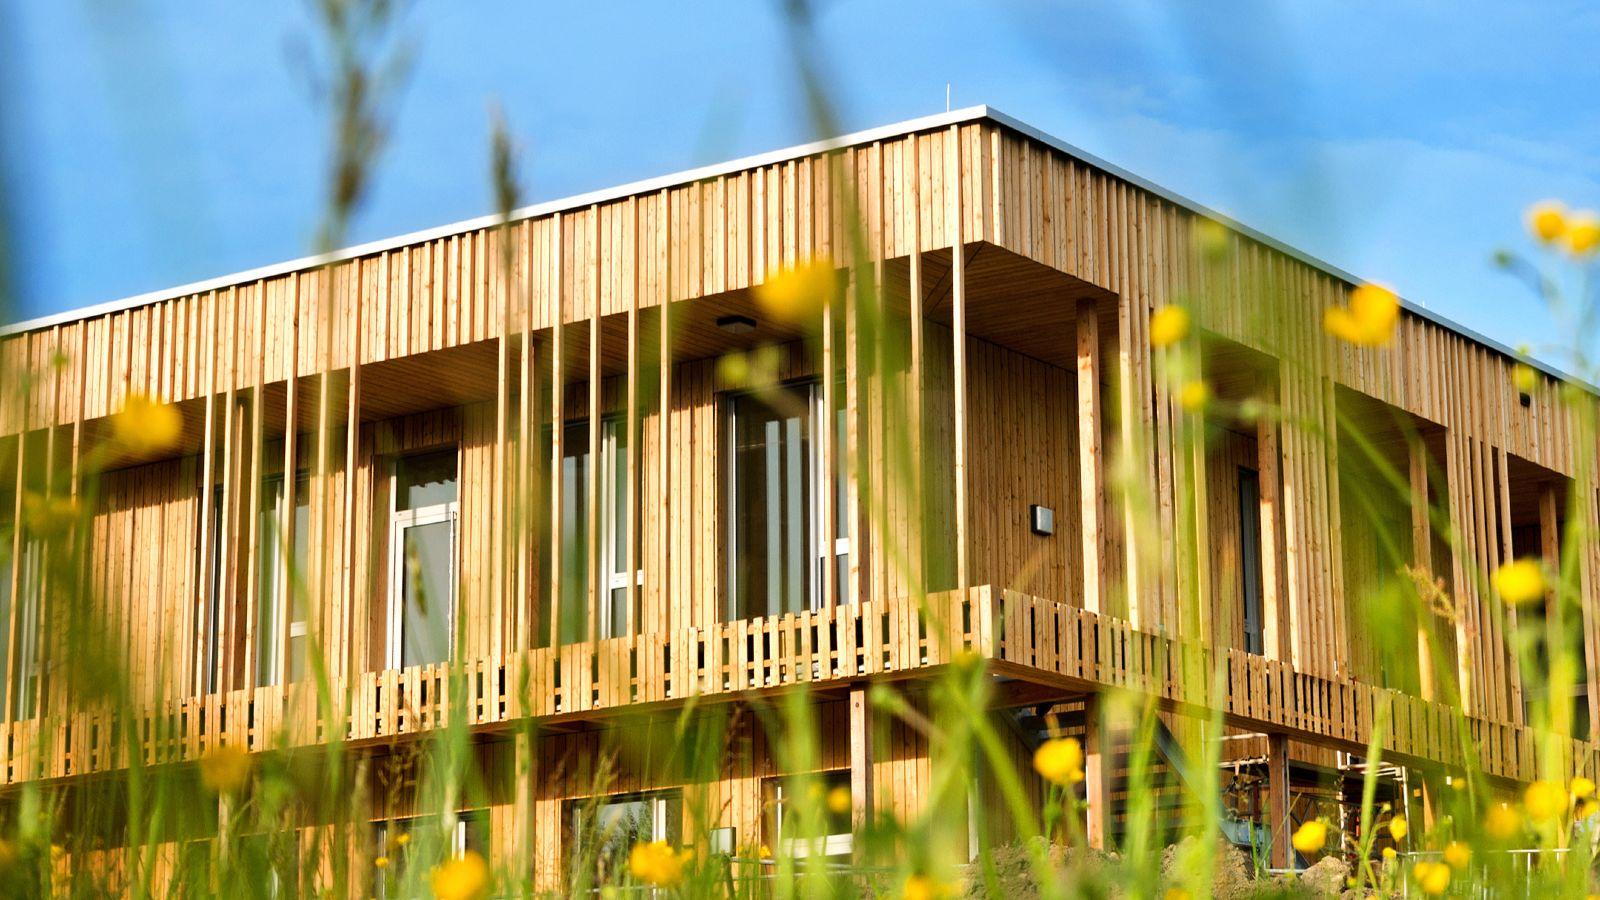 Hinter einer verschwommenen Blumenwiese steht ein Holzhaus.